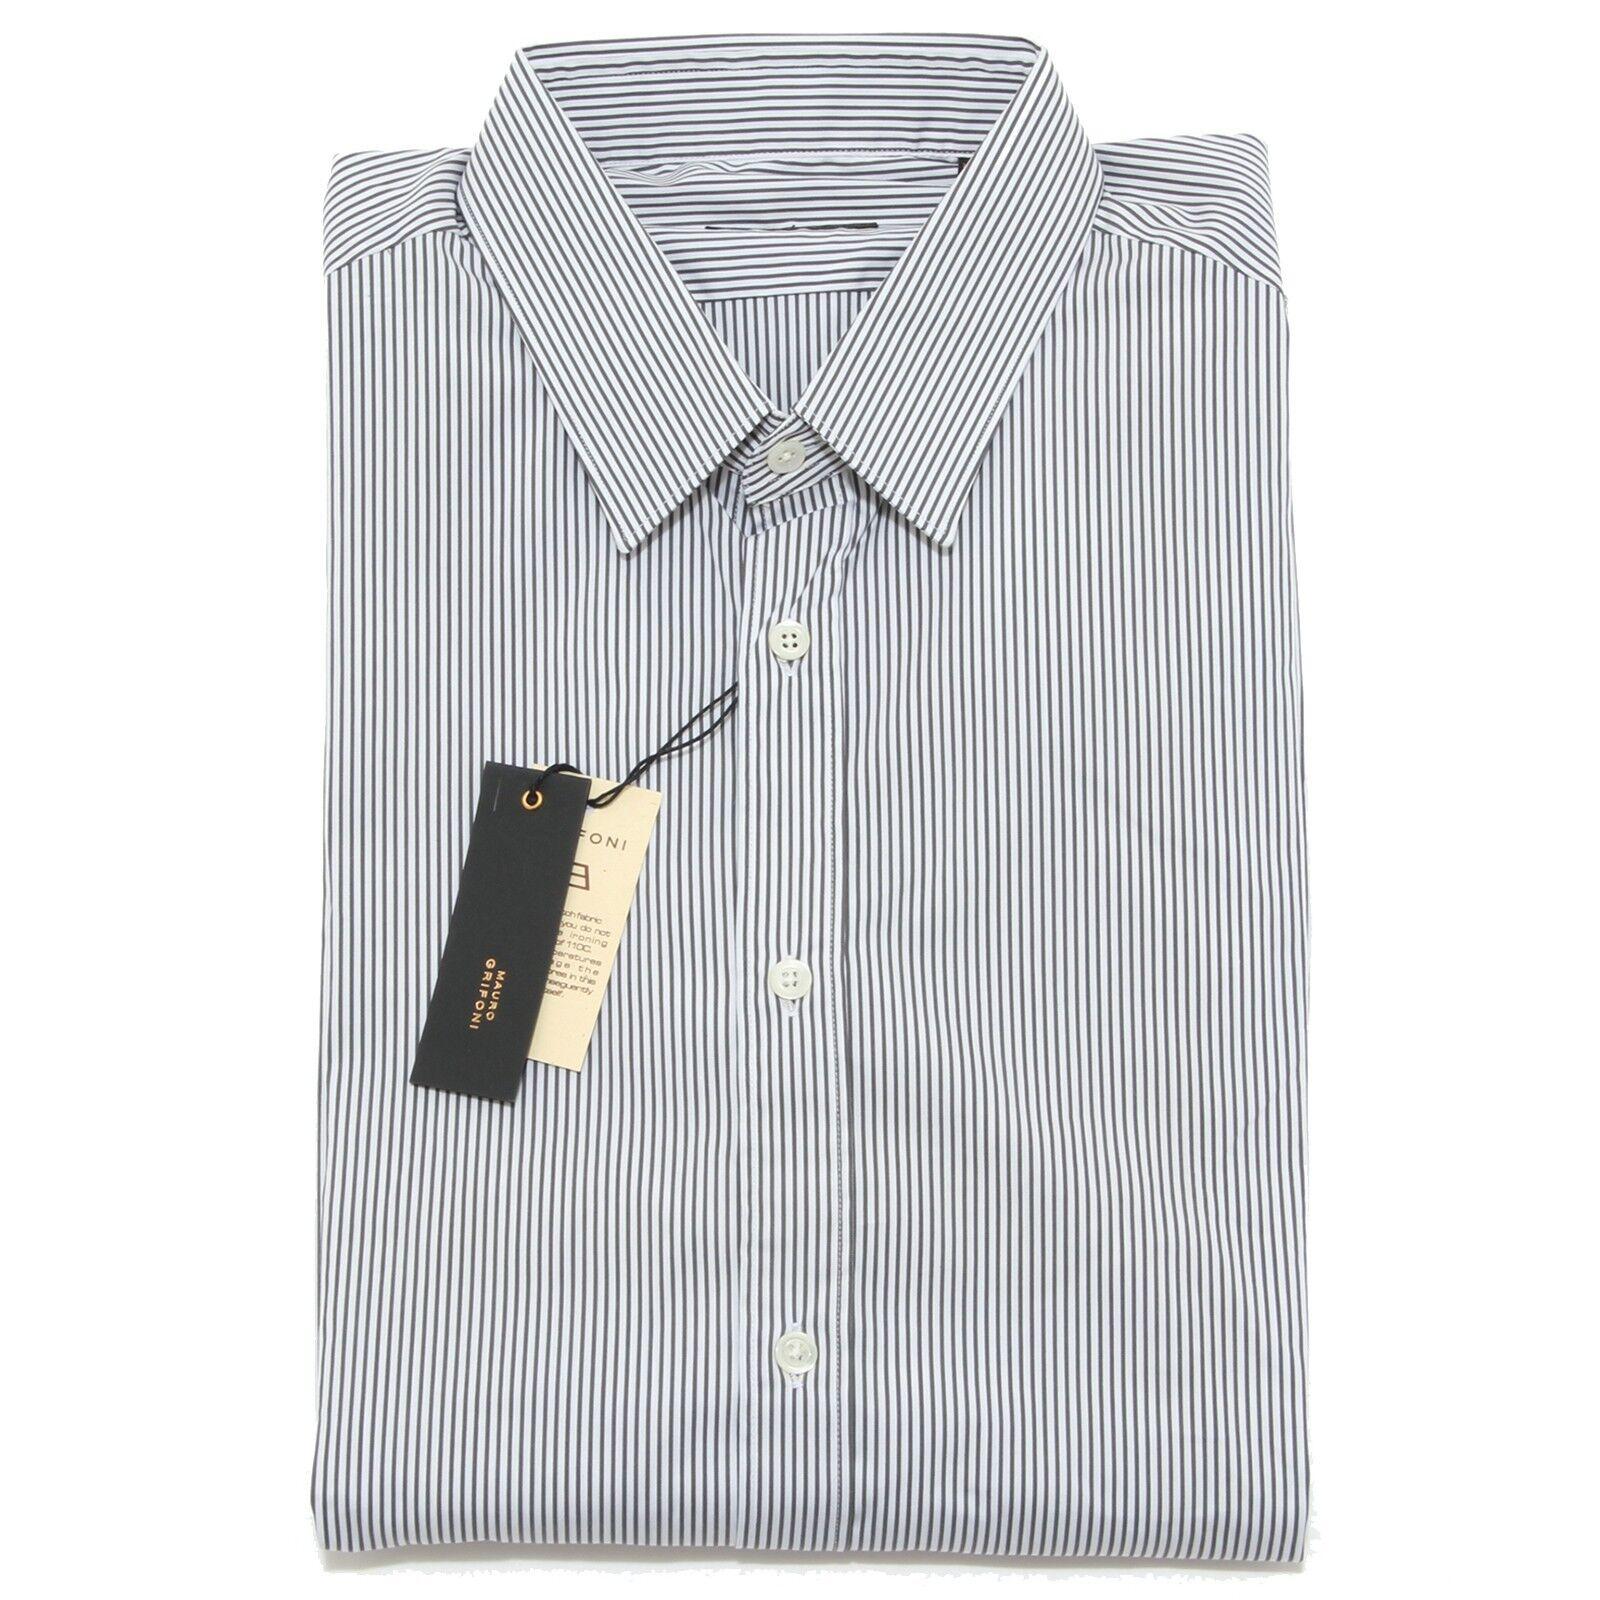 5718L camicia uomo MAURO GRIFONI righe grigie manica lunga shirts men